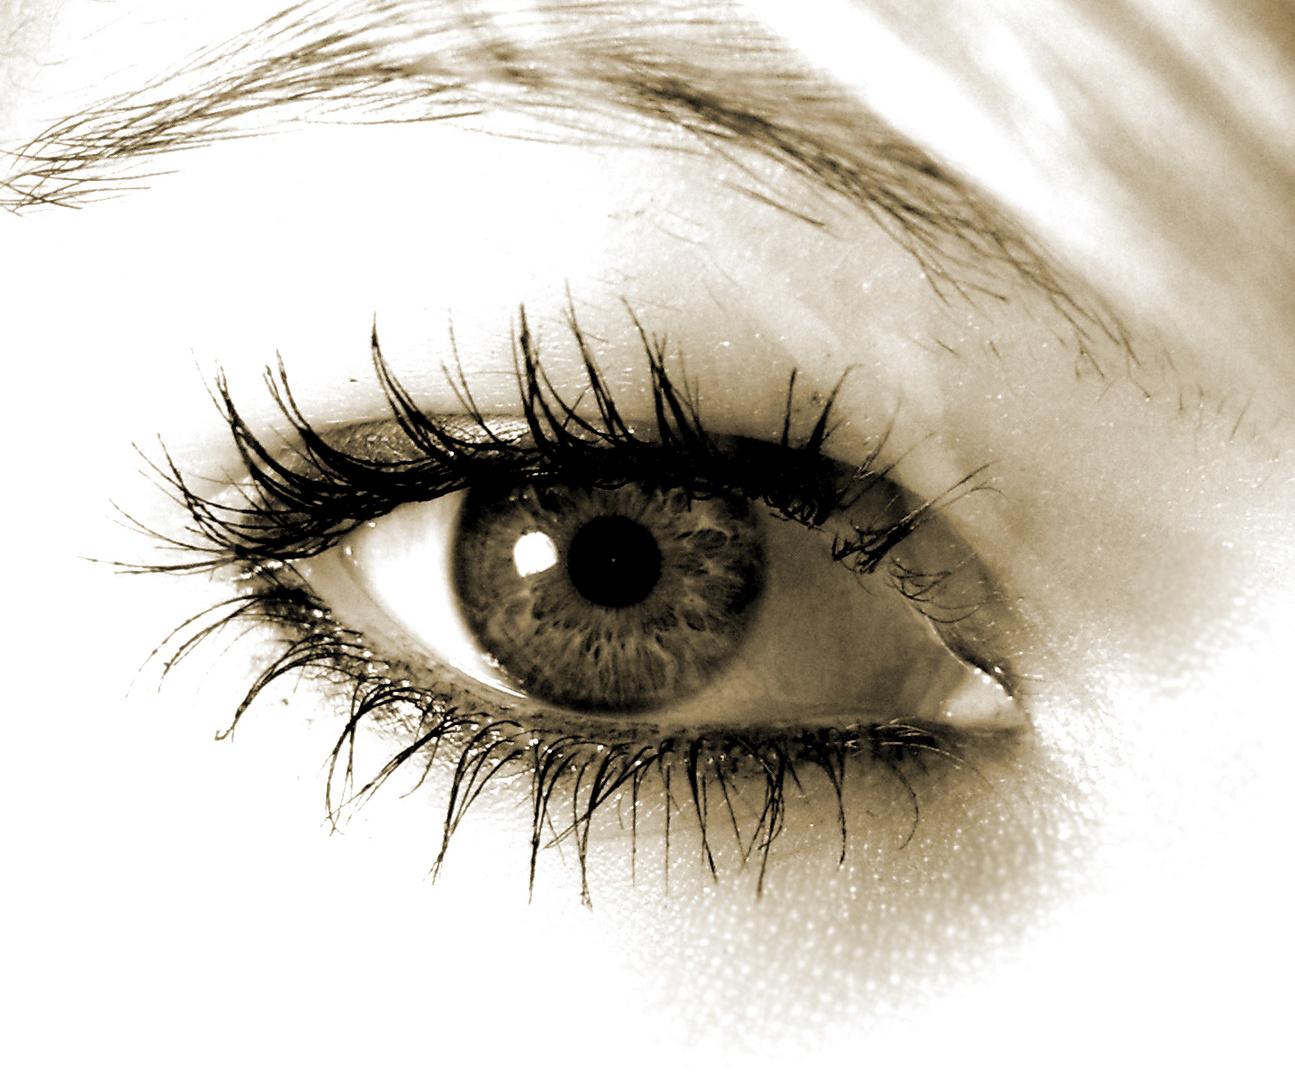 Blicke sagen mehr als Worte...